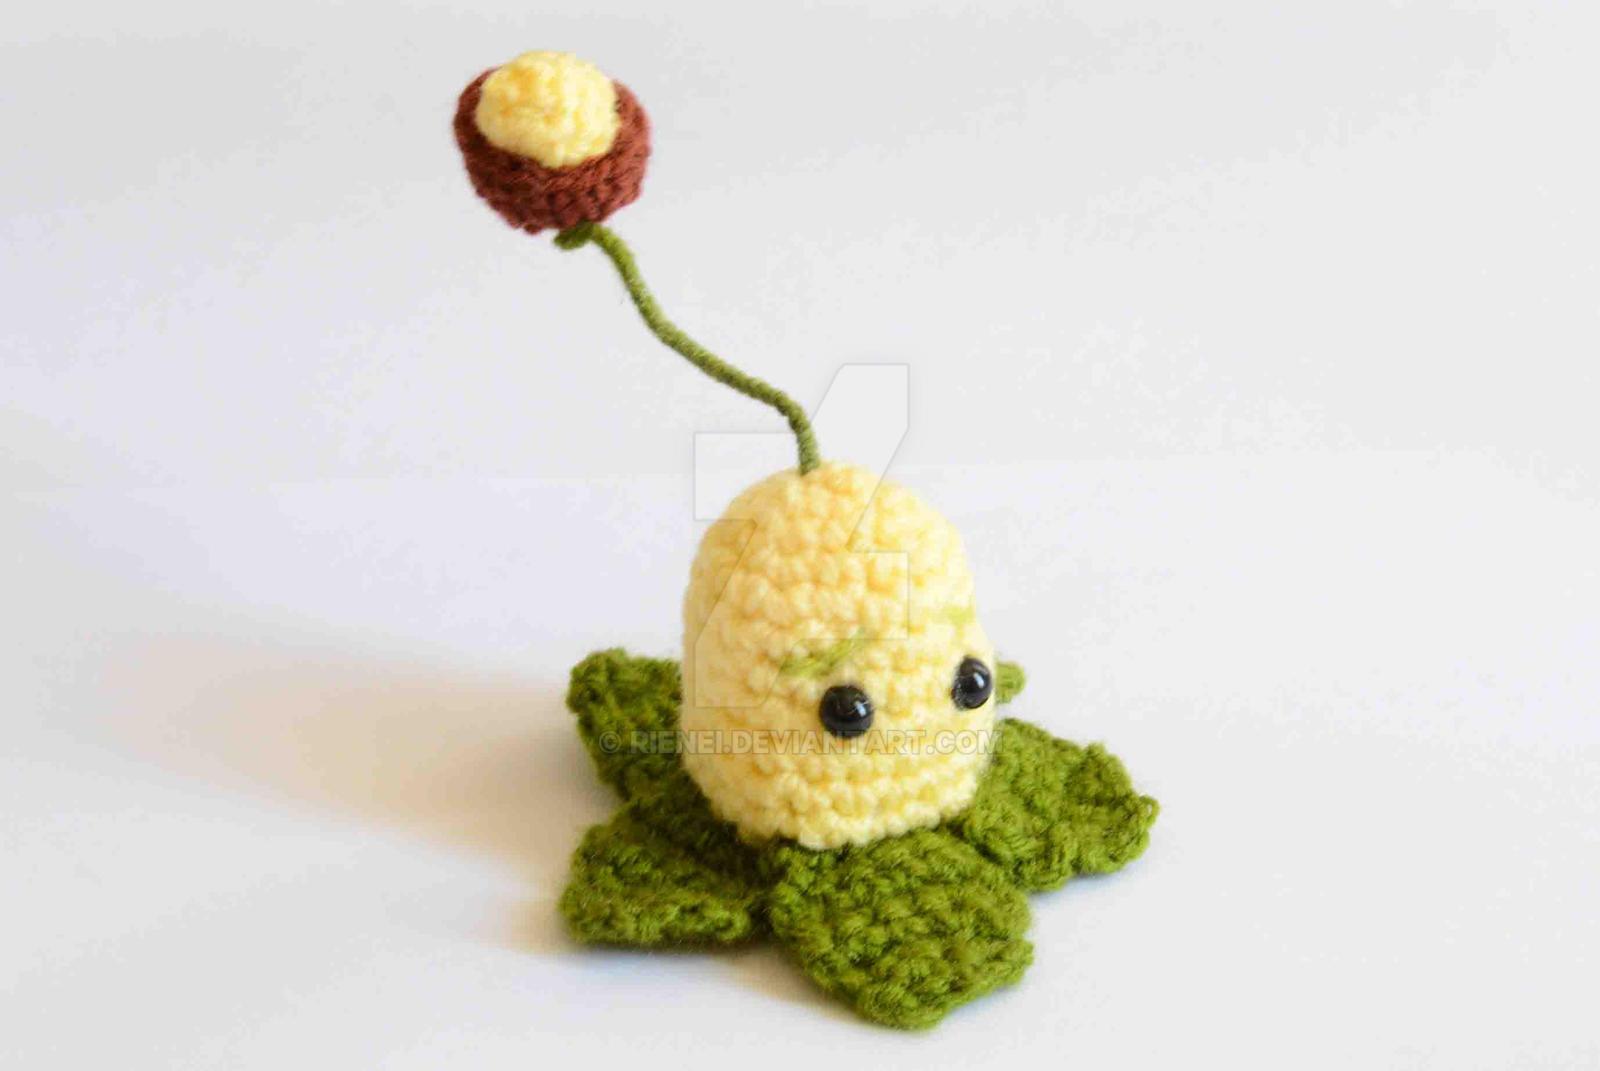 Crochet Plants VS Zombies Kernel-pult Pattern by Rienei on DeviantArt